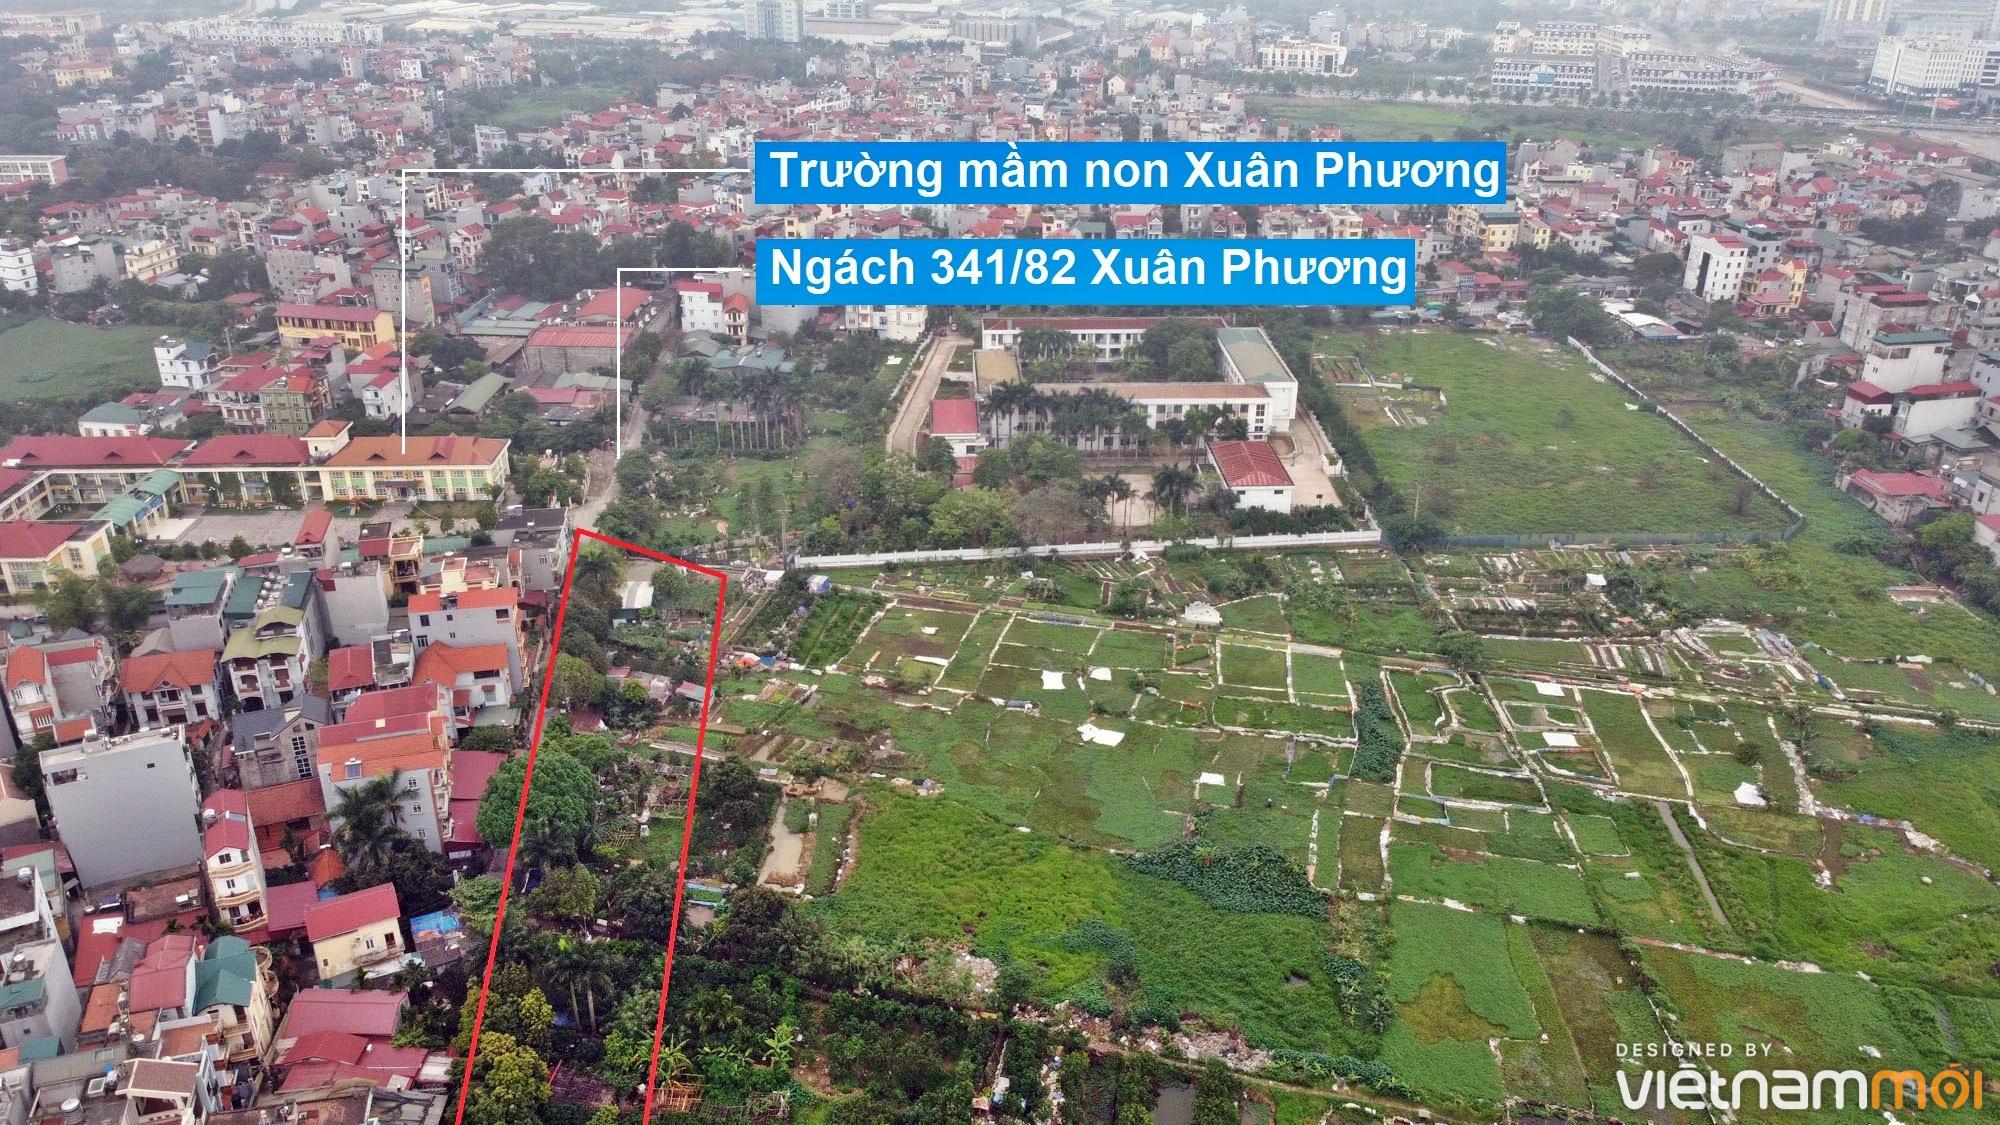 Những khu đất sắp thu hồi để mở đường ở phường Xuân Phương, Nam Từ Liêm, Hà Nội (phần 2) - Ảnh 9.